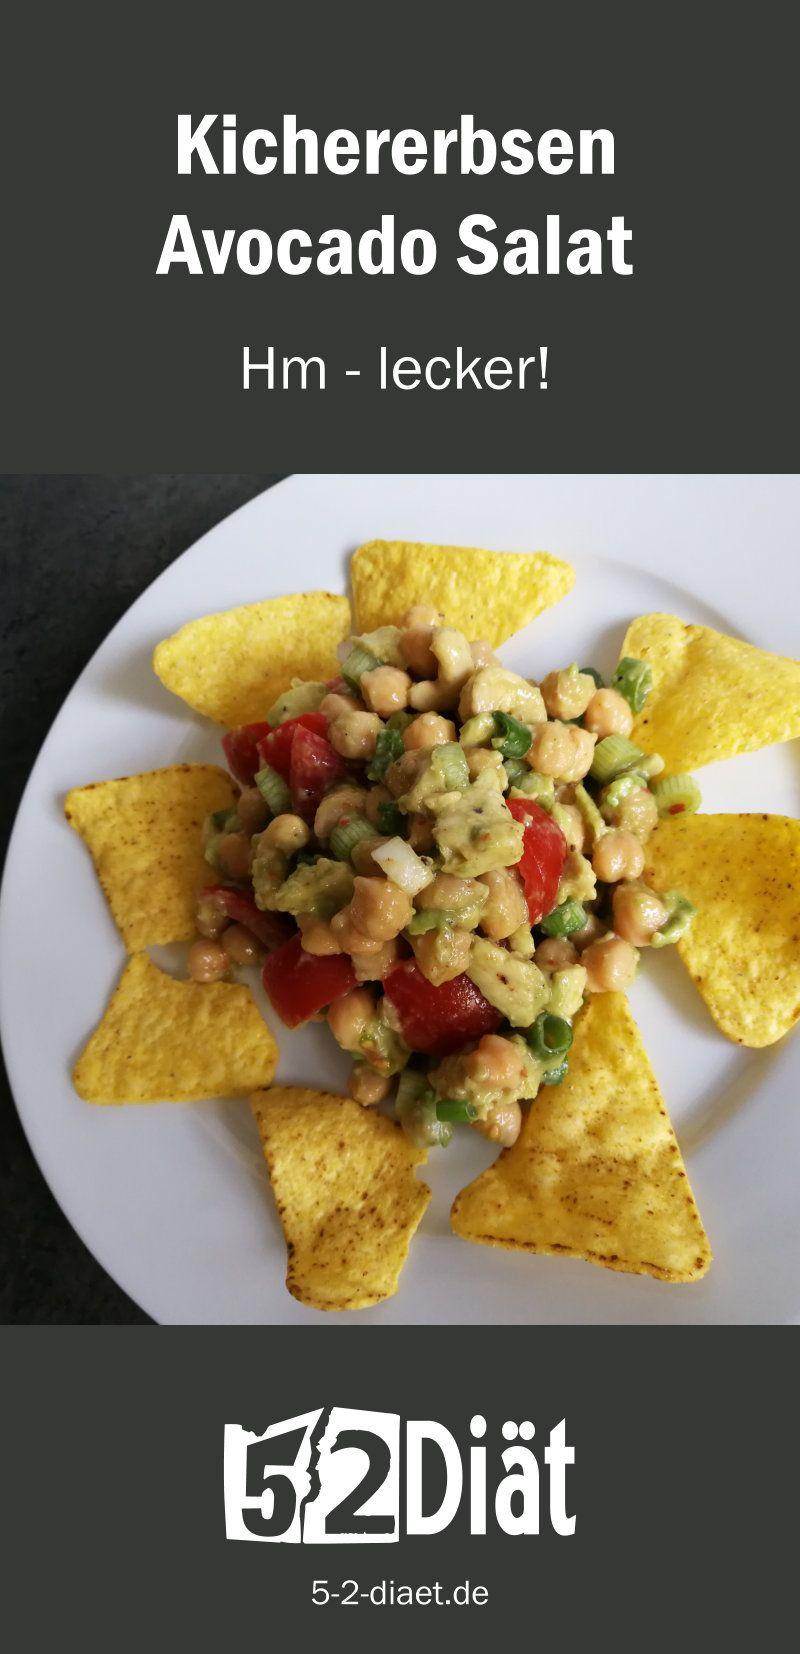 Abnehmen Abnehmen mit leckeren nahrhaften Mahlzeiten leckeren nahrhaften Mahlzeiten